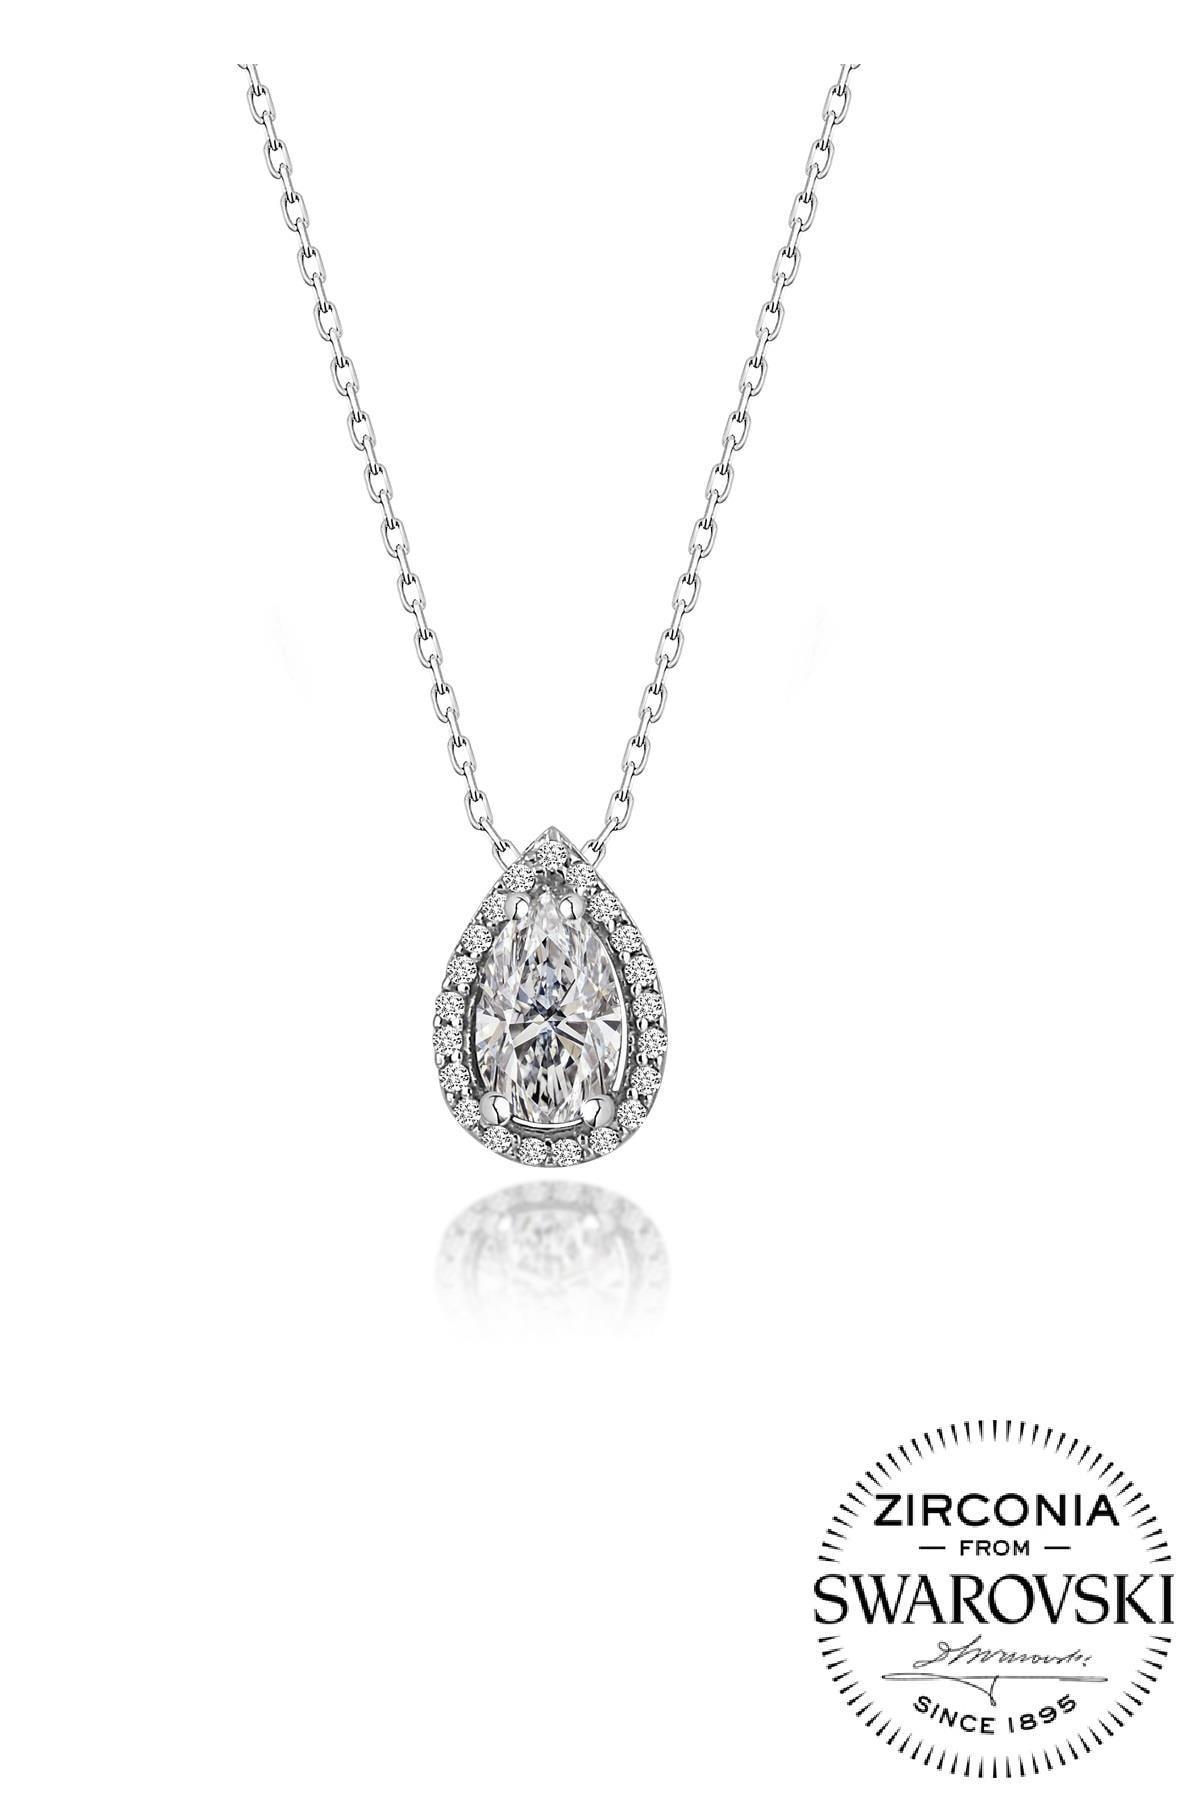 Söğütlü Silver Gümüş Swarovski Taşlı Pırlanta Modeli Damla Kolye Sgtl20517Kolye 0